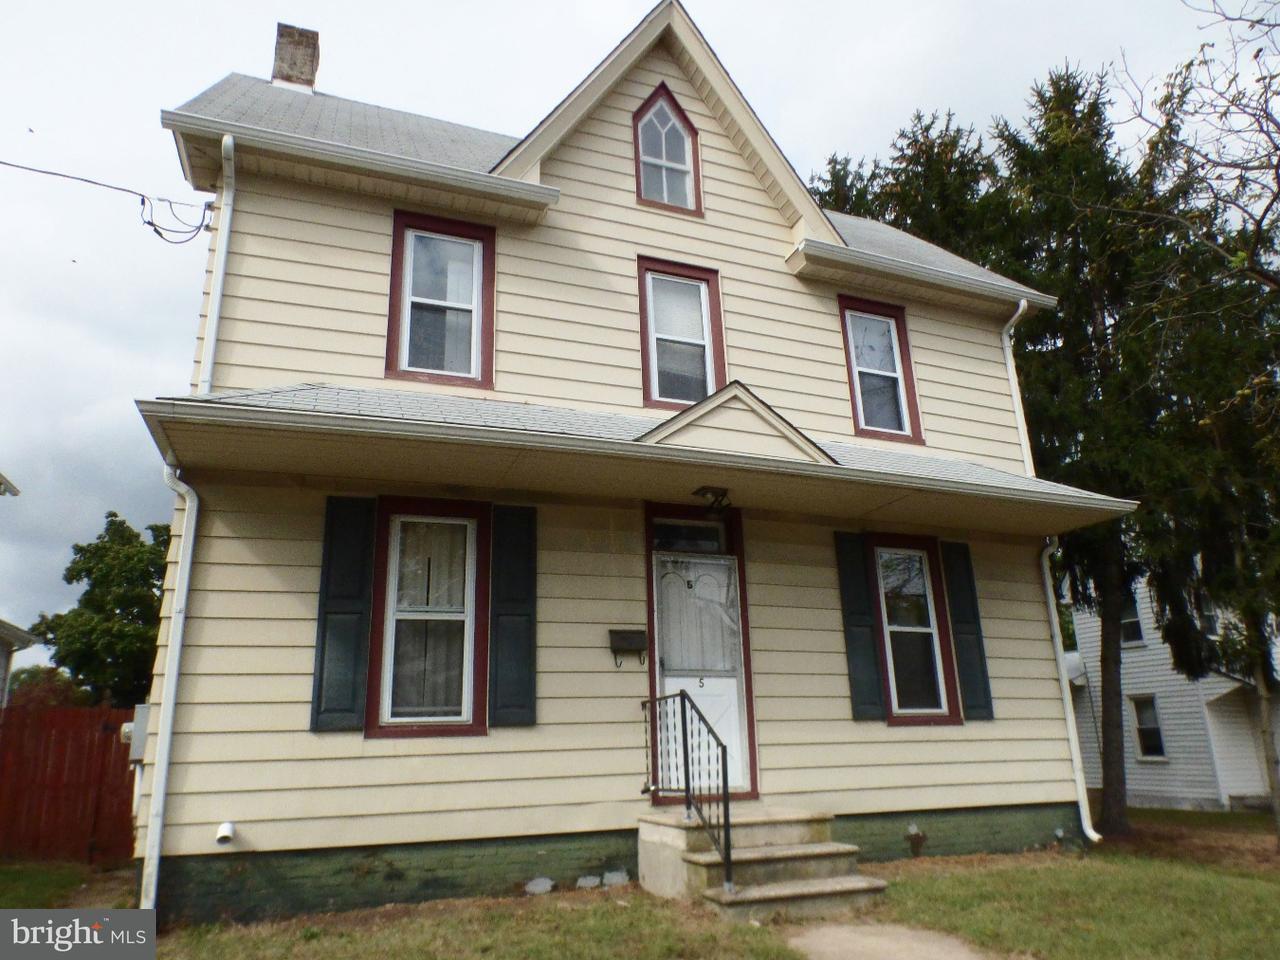 独户住宅 为 出租 在 5 N BROADWAY Pennsville, 新泽西州 08070 美国